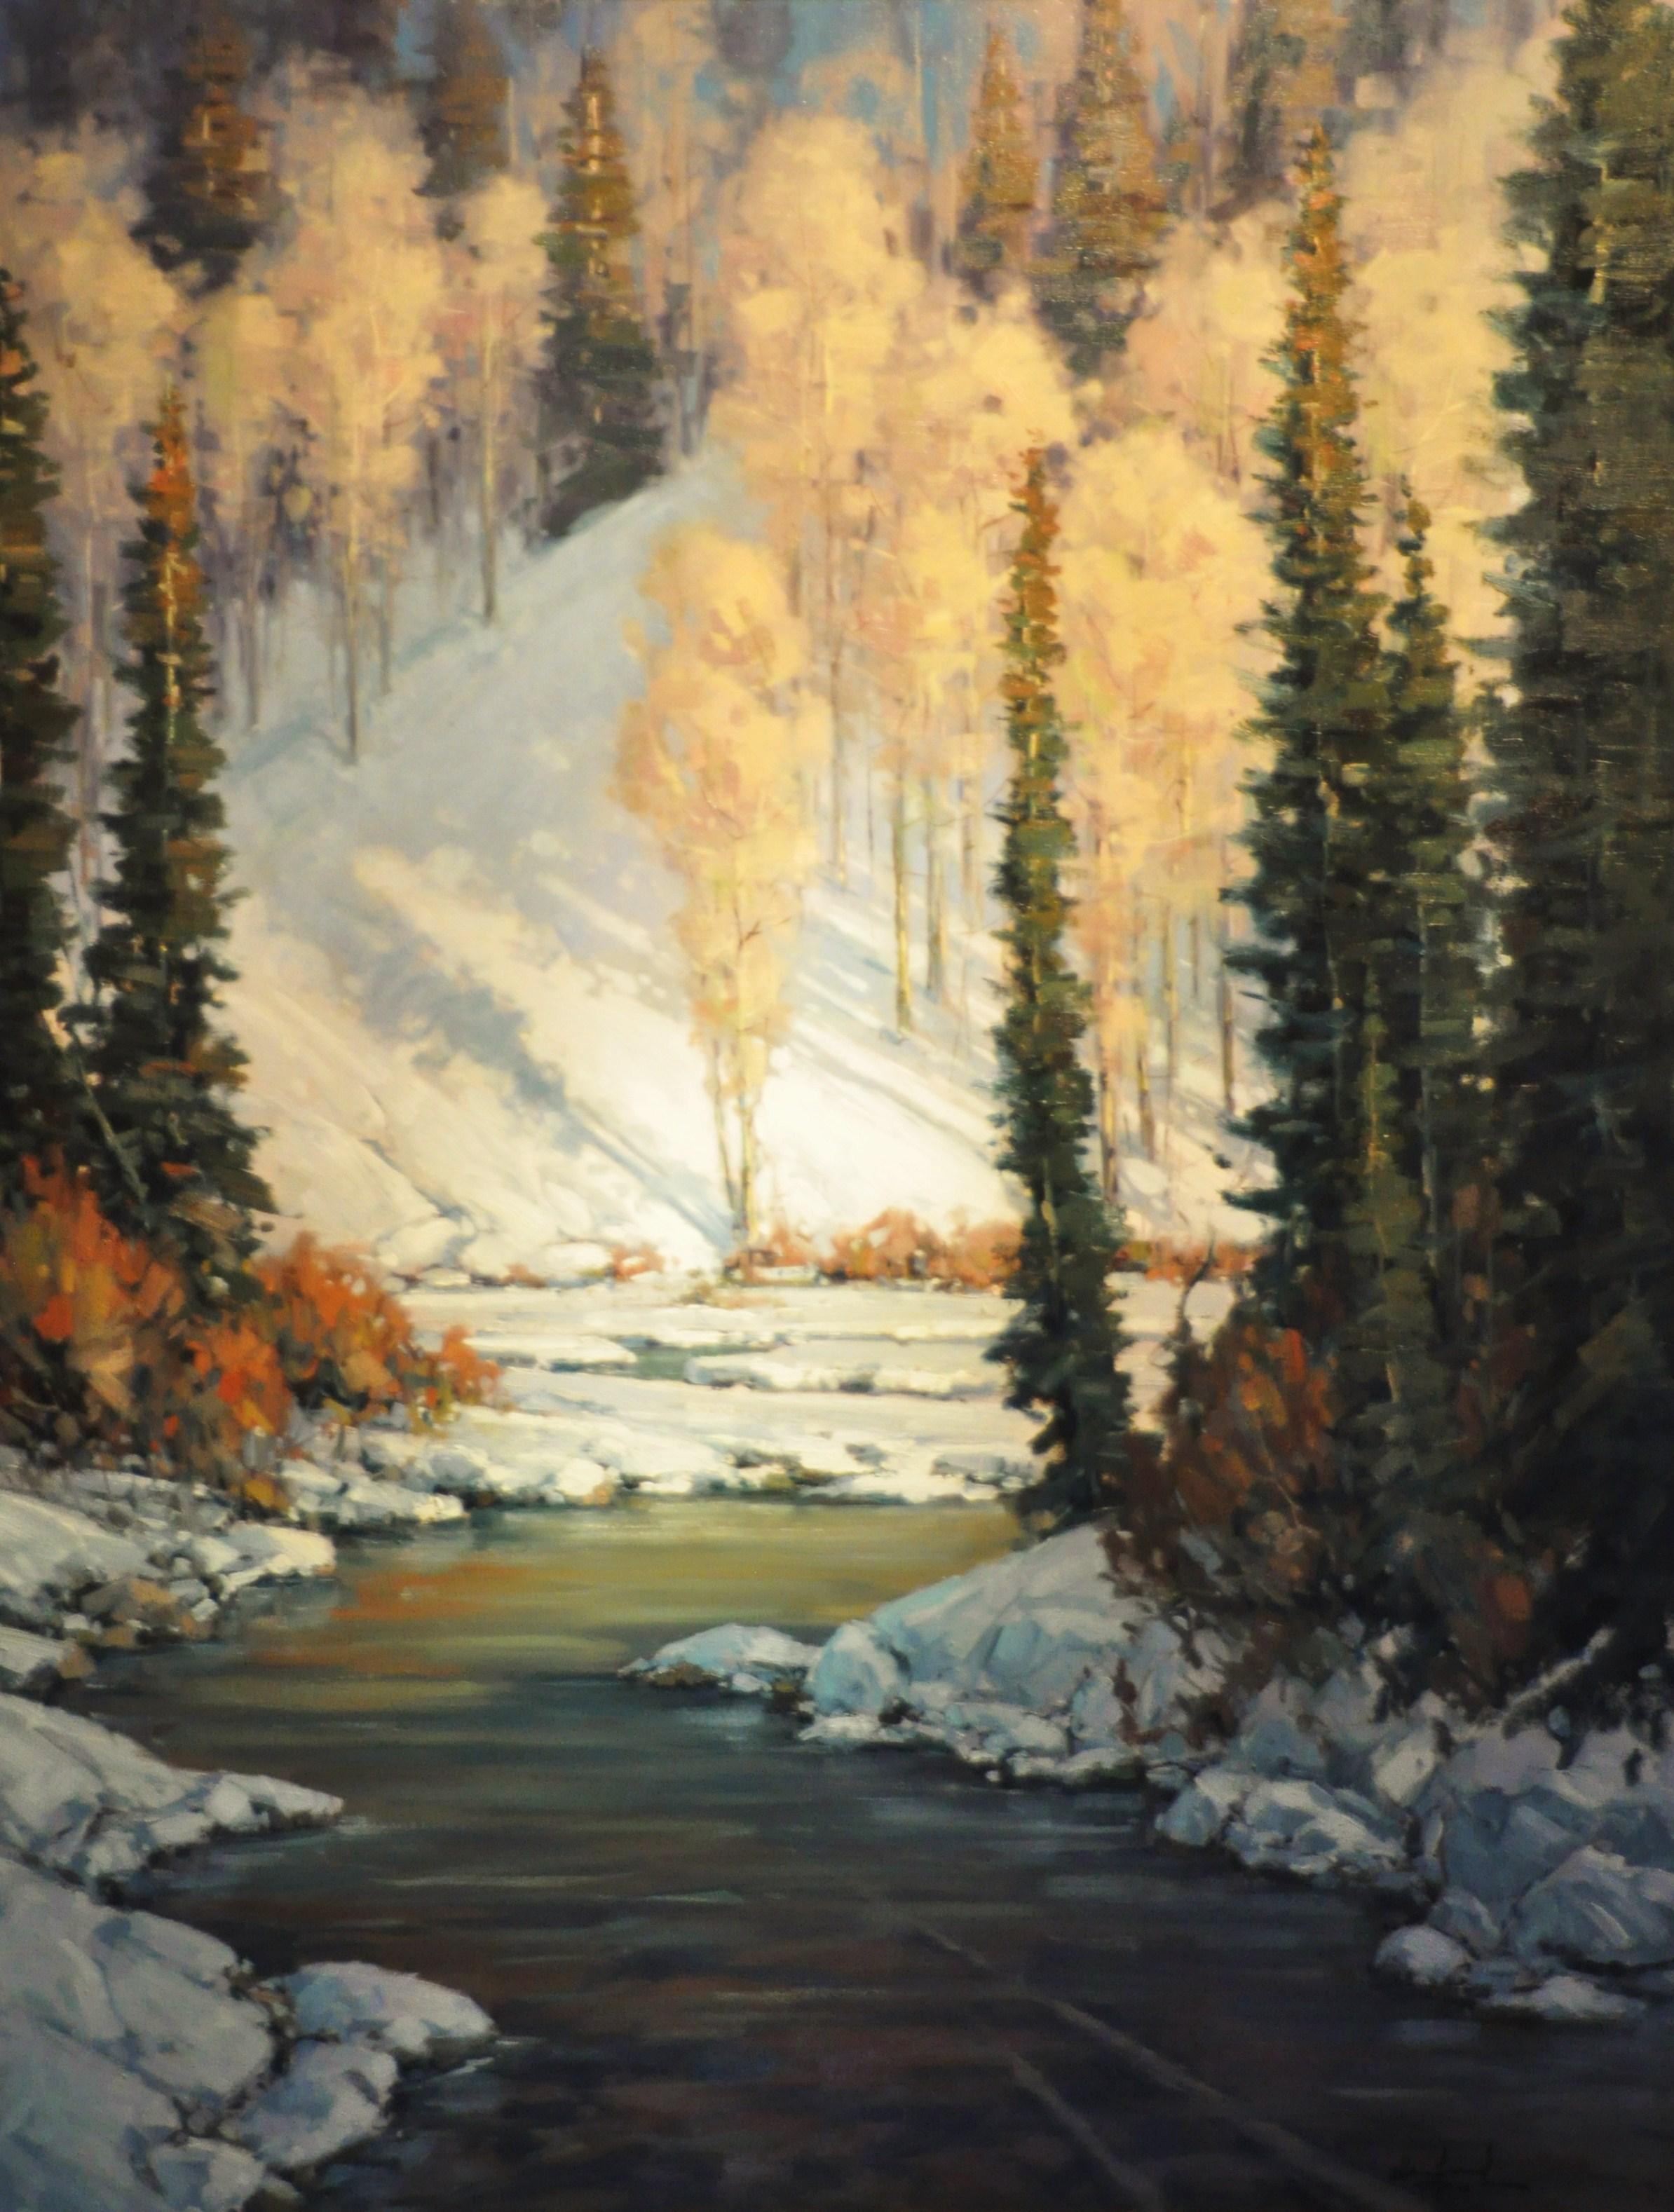 Timeless by  Allen Lund - Masterpiece Online